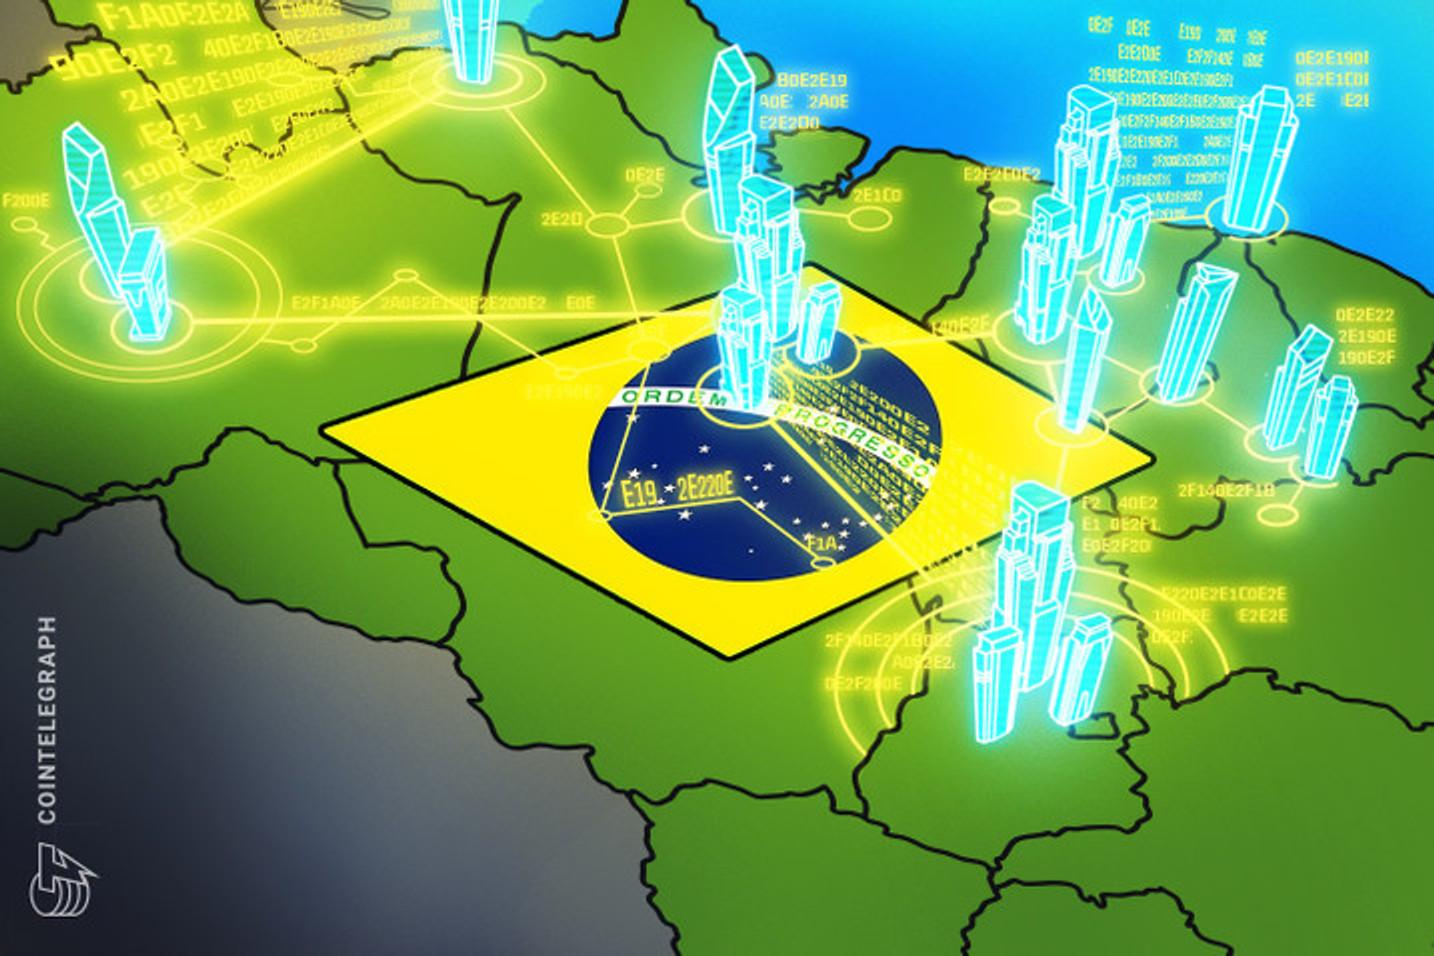 Presidente do Banco Central do Brasil fala sobre o 'fim do dinheiro' em apresentação para o Goldman Sachs